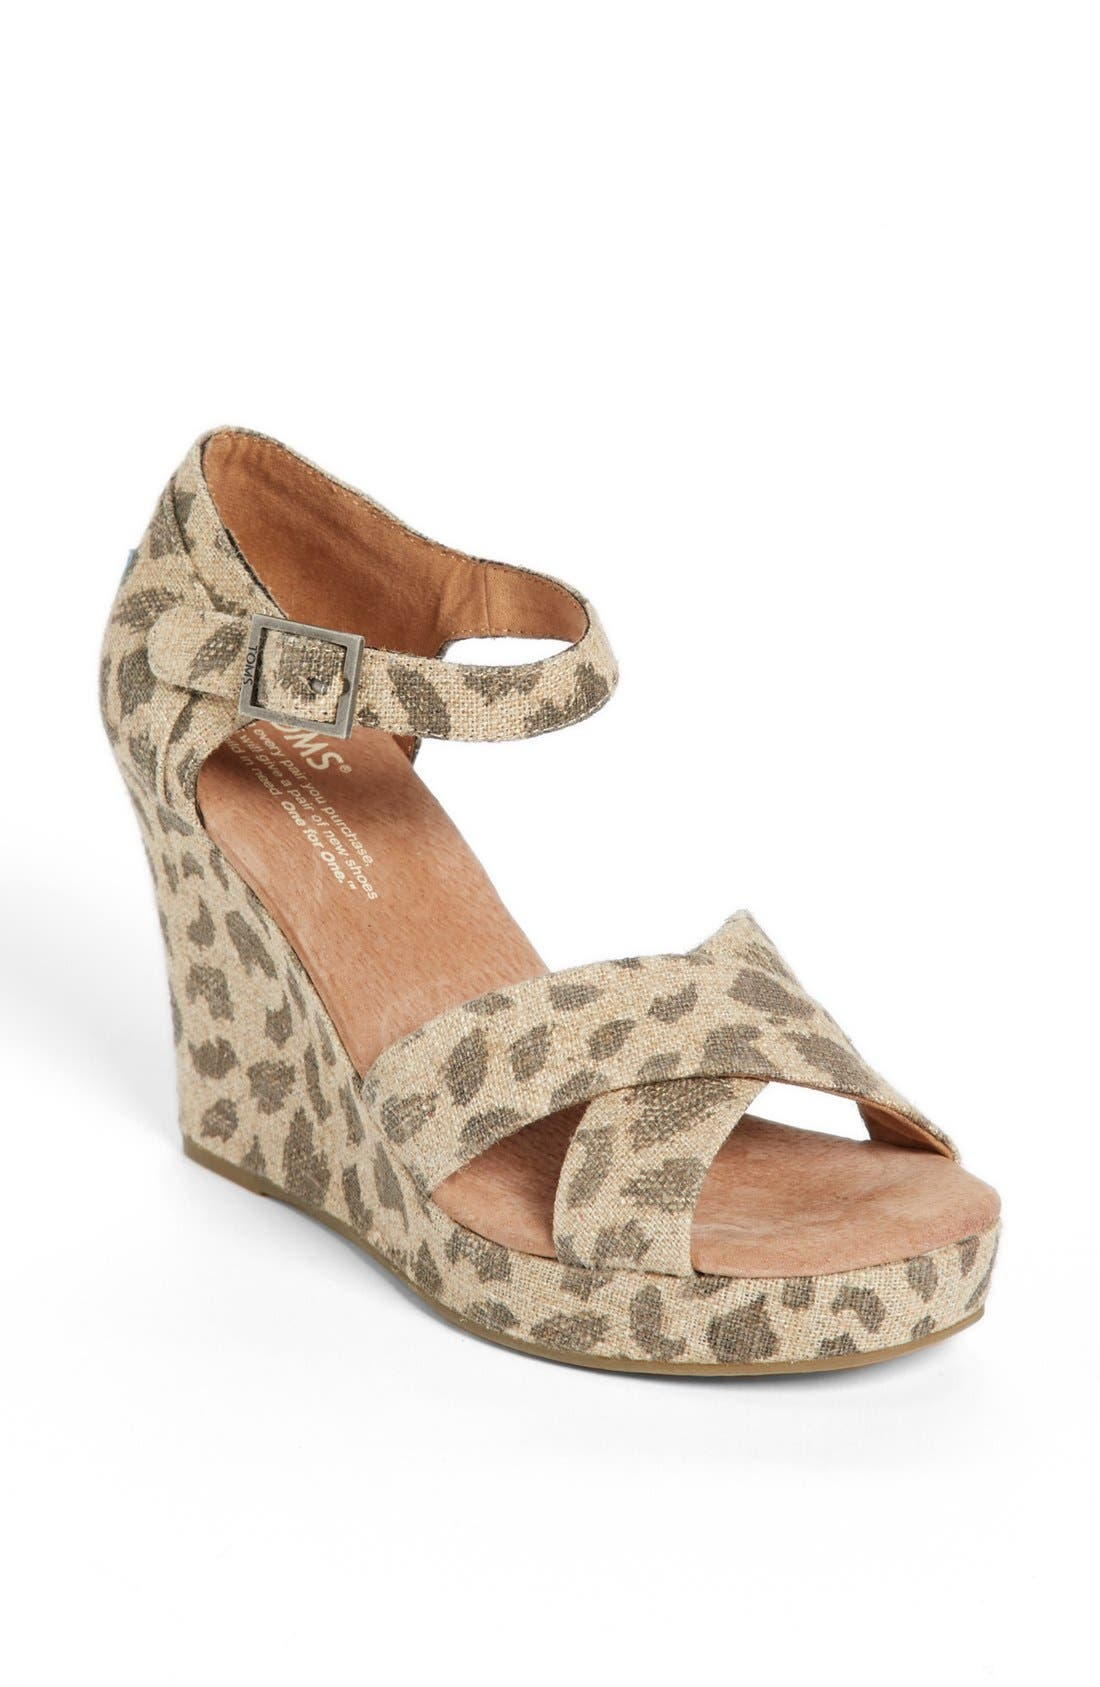 Alternate Image 1 Selected - TOMS 'Leopard' Wedge Sandal